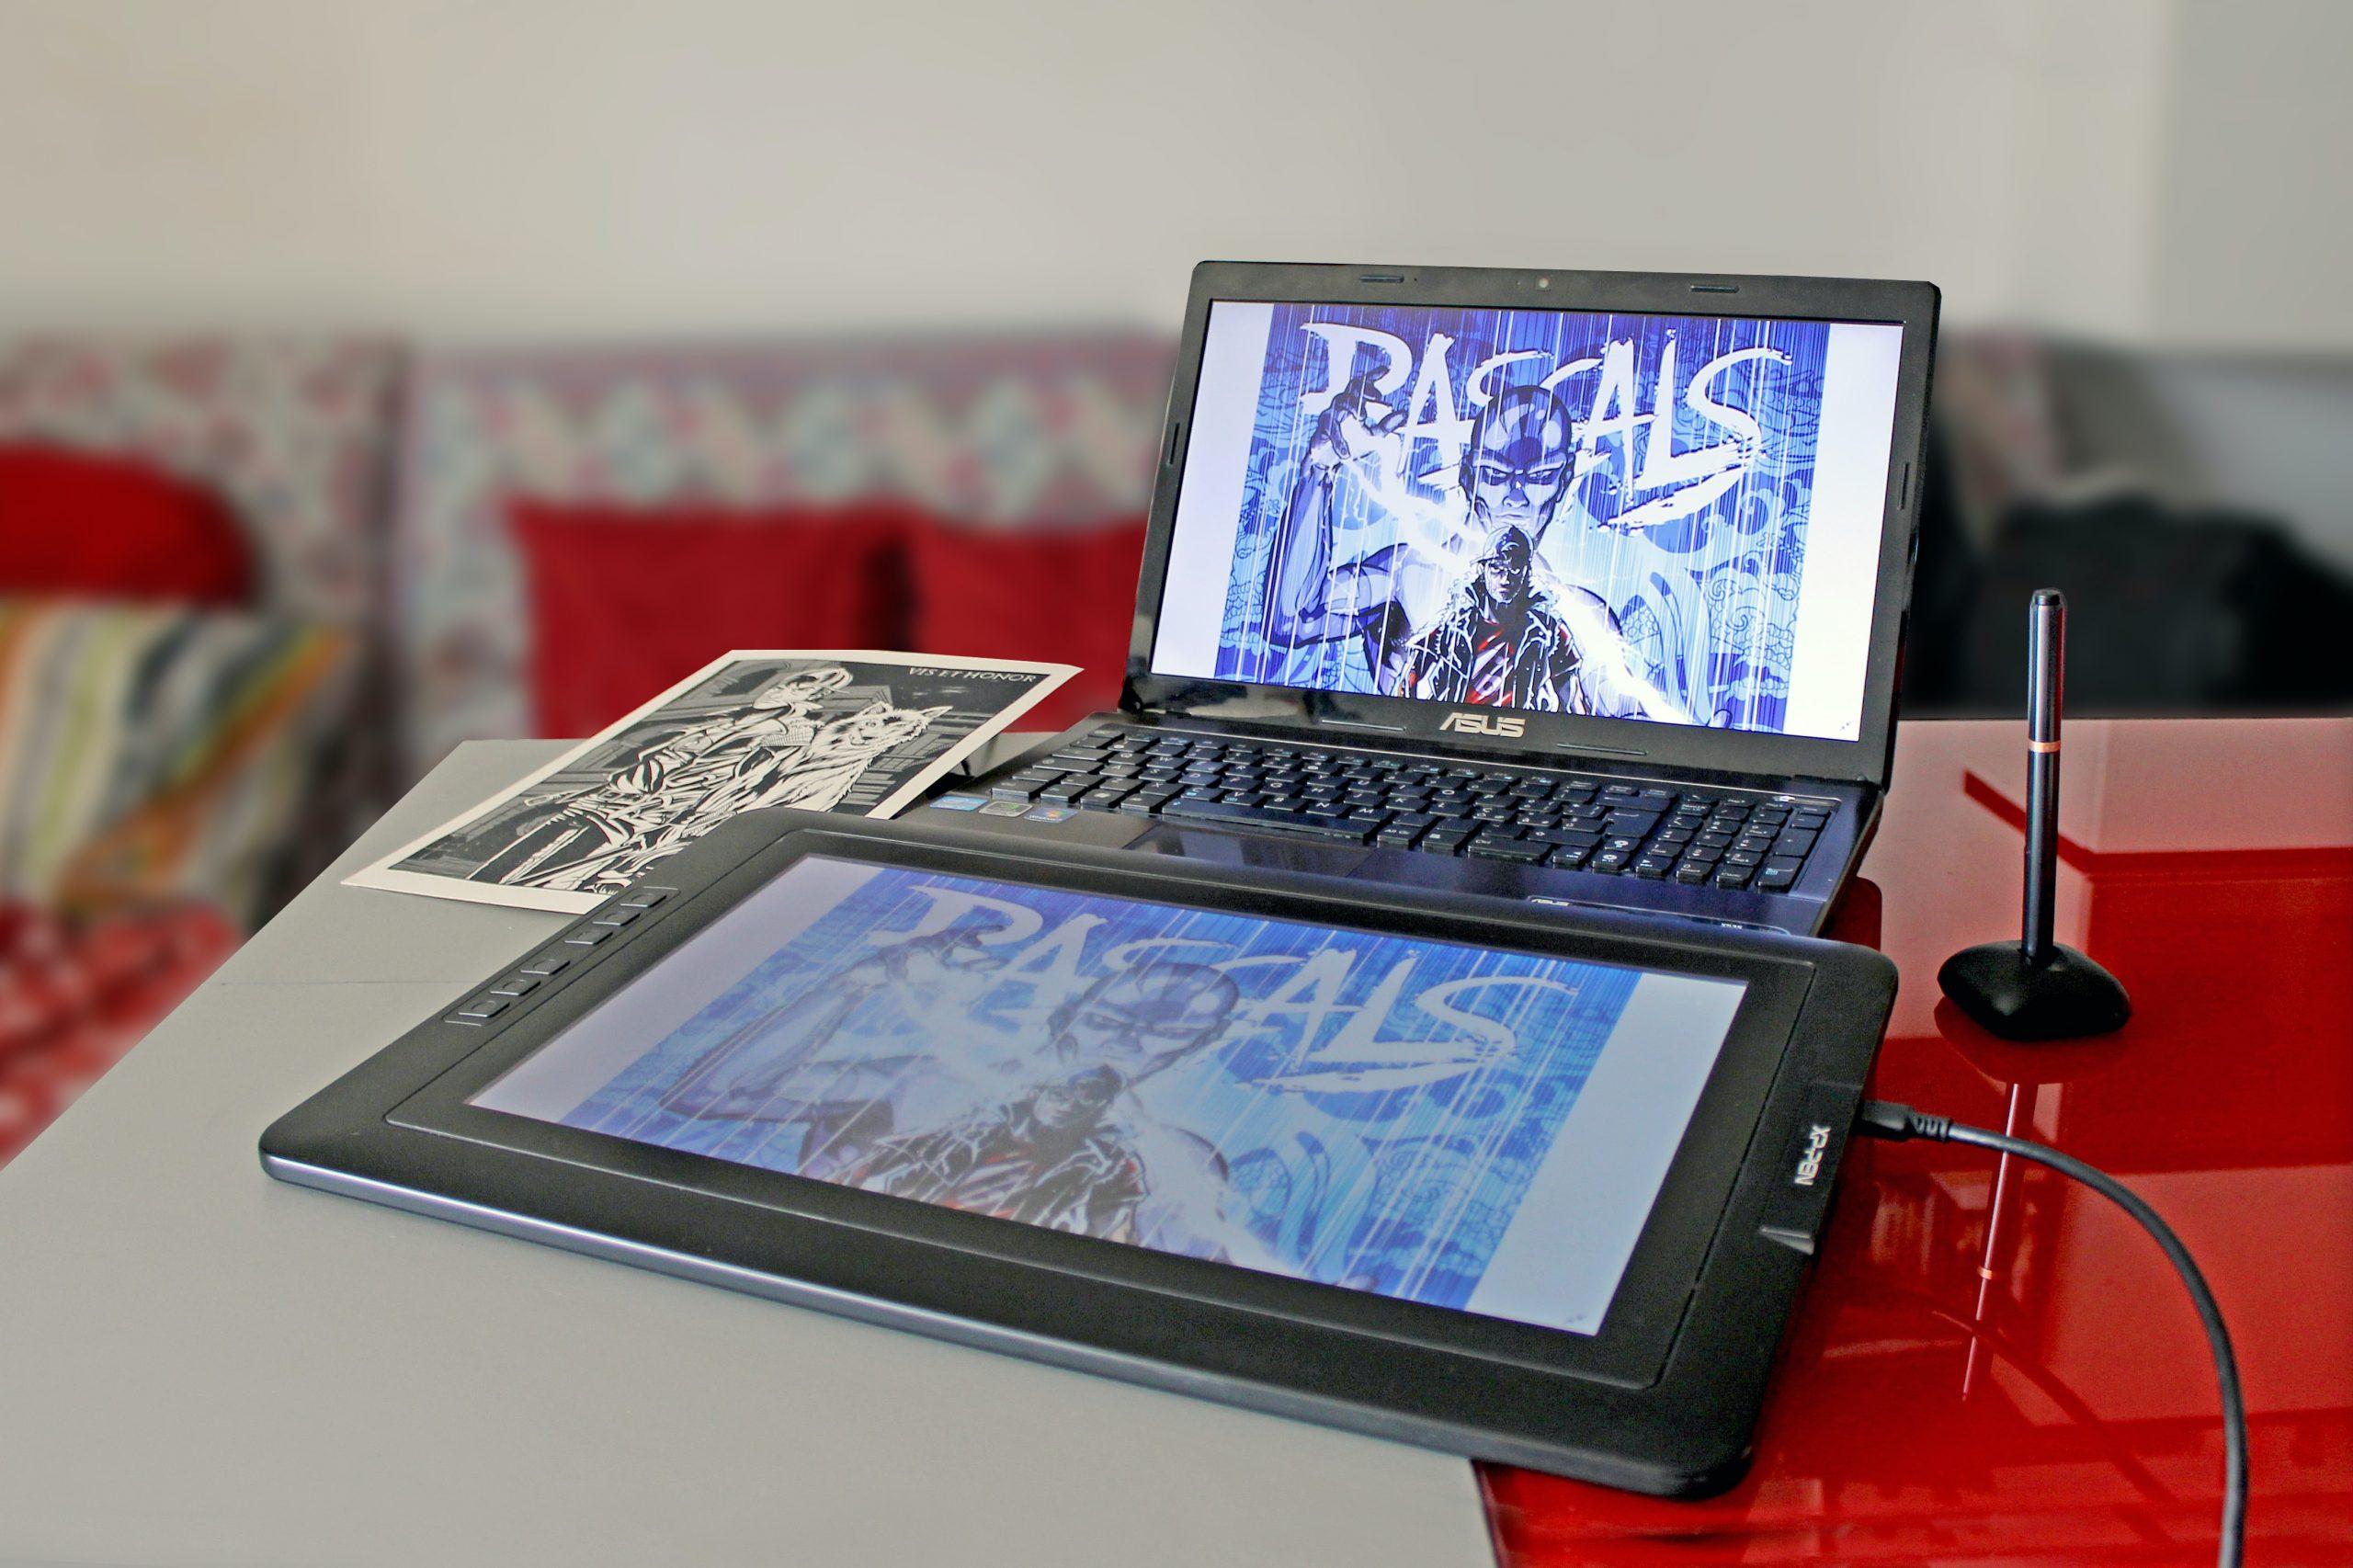 tableta grafica en mini laptop